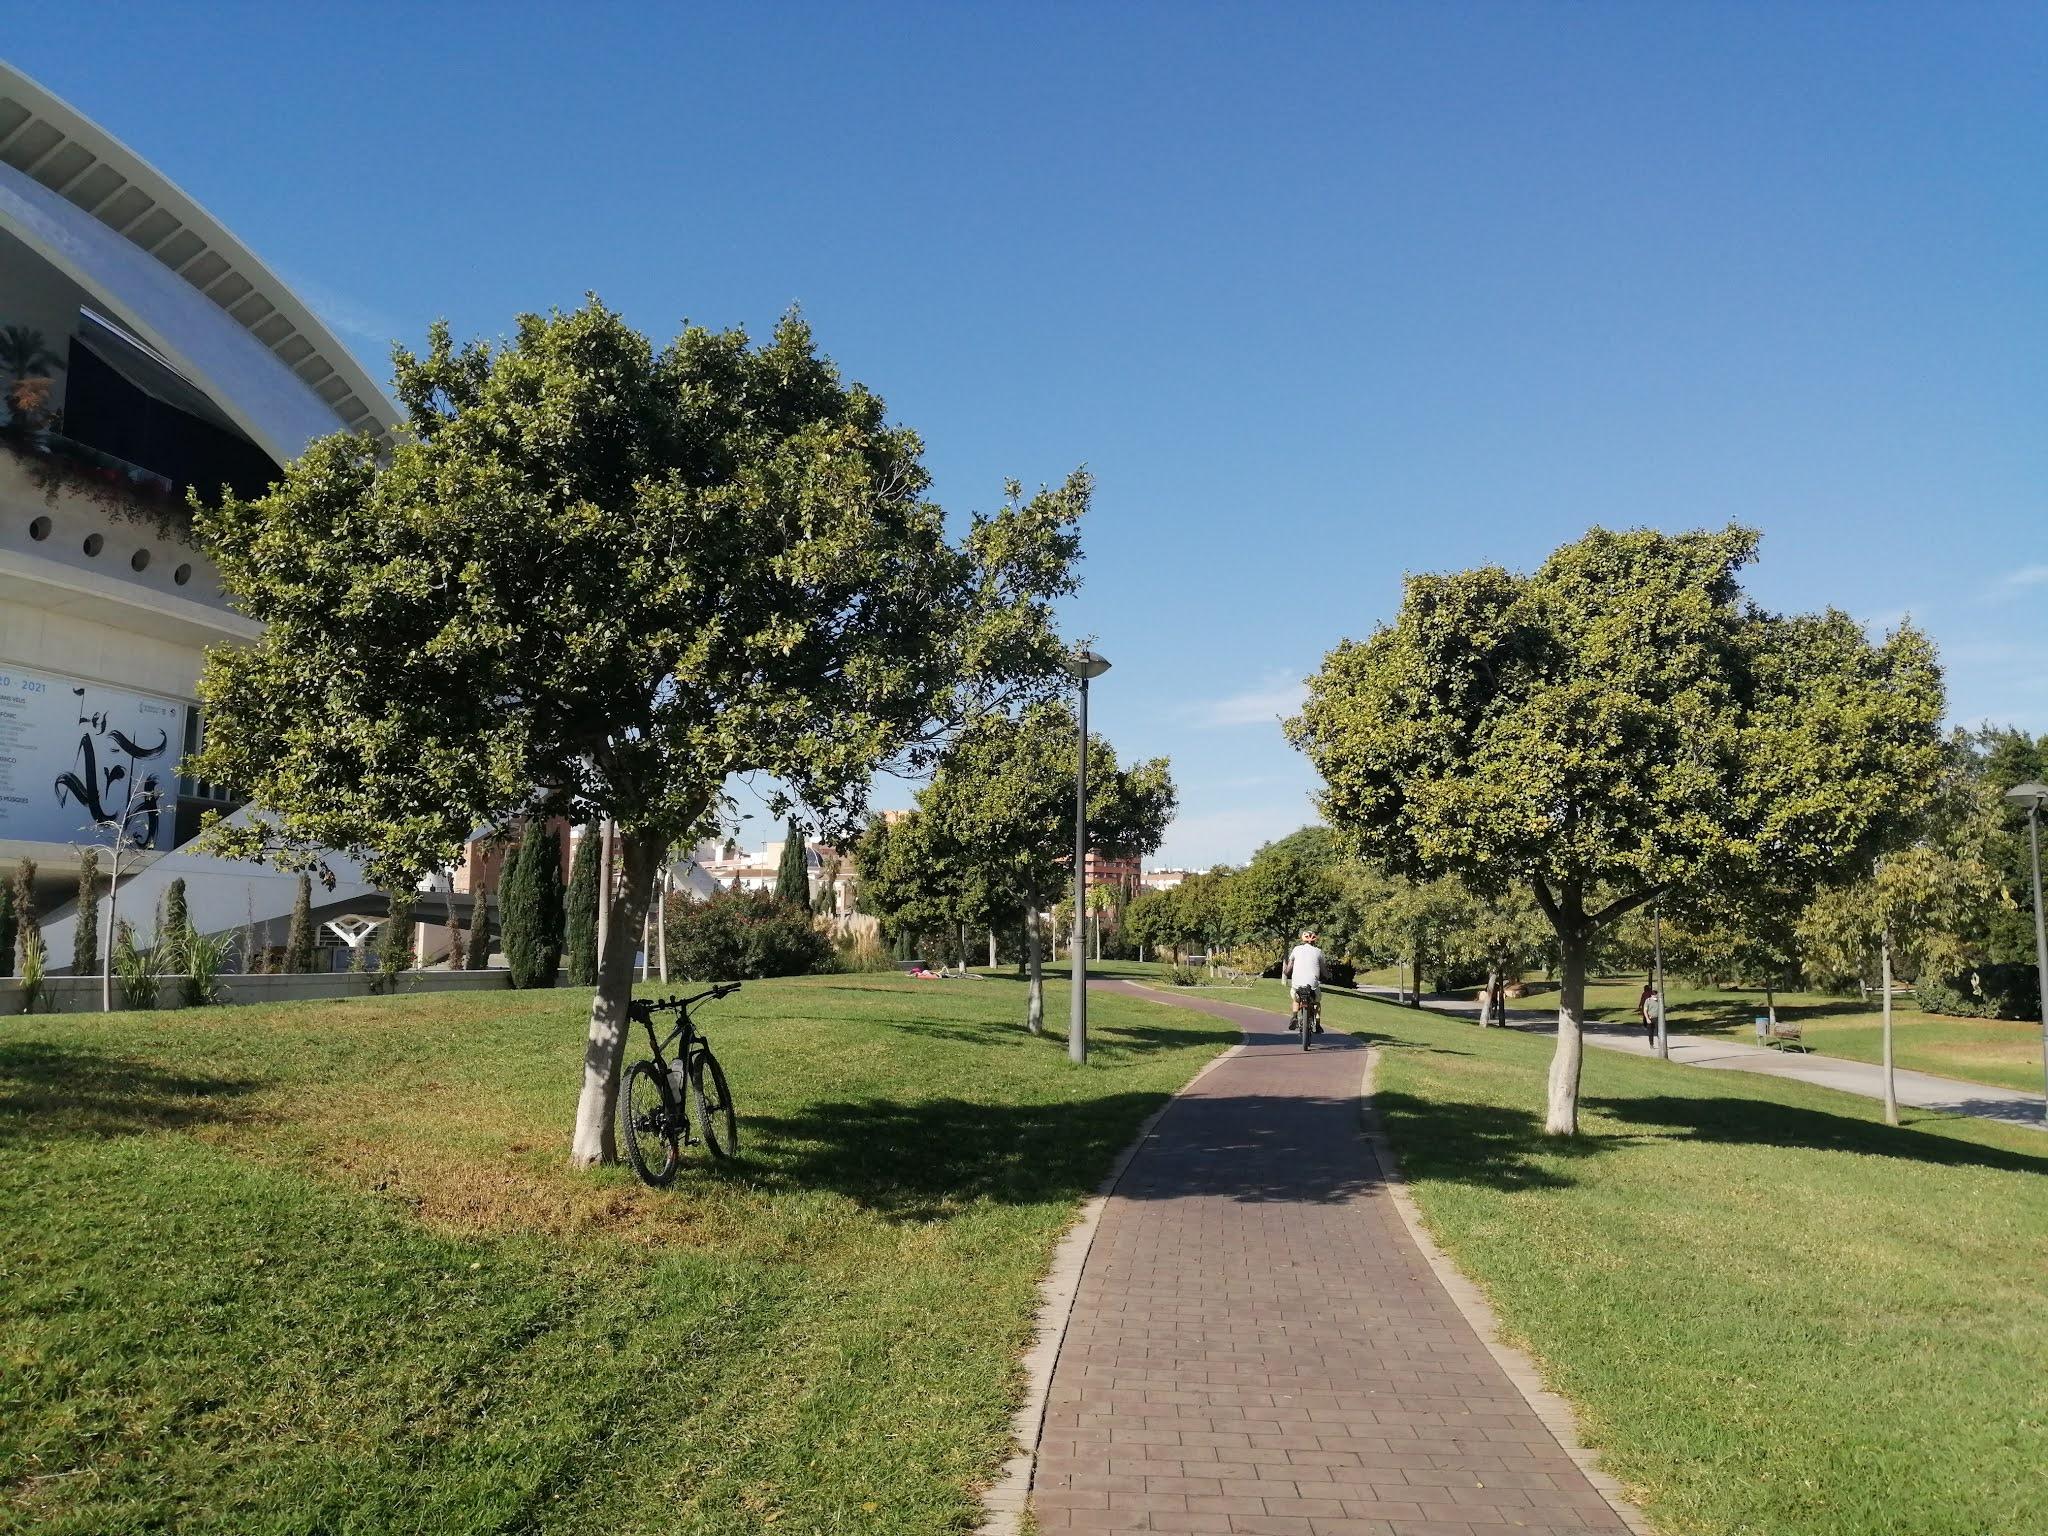 Bike path in the Turia Gardens, Valencia